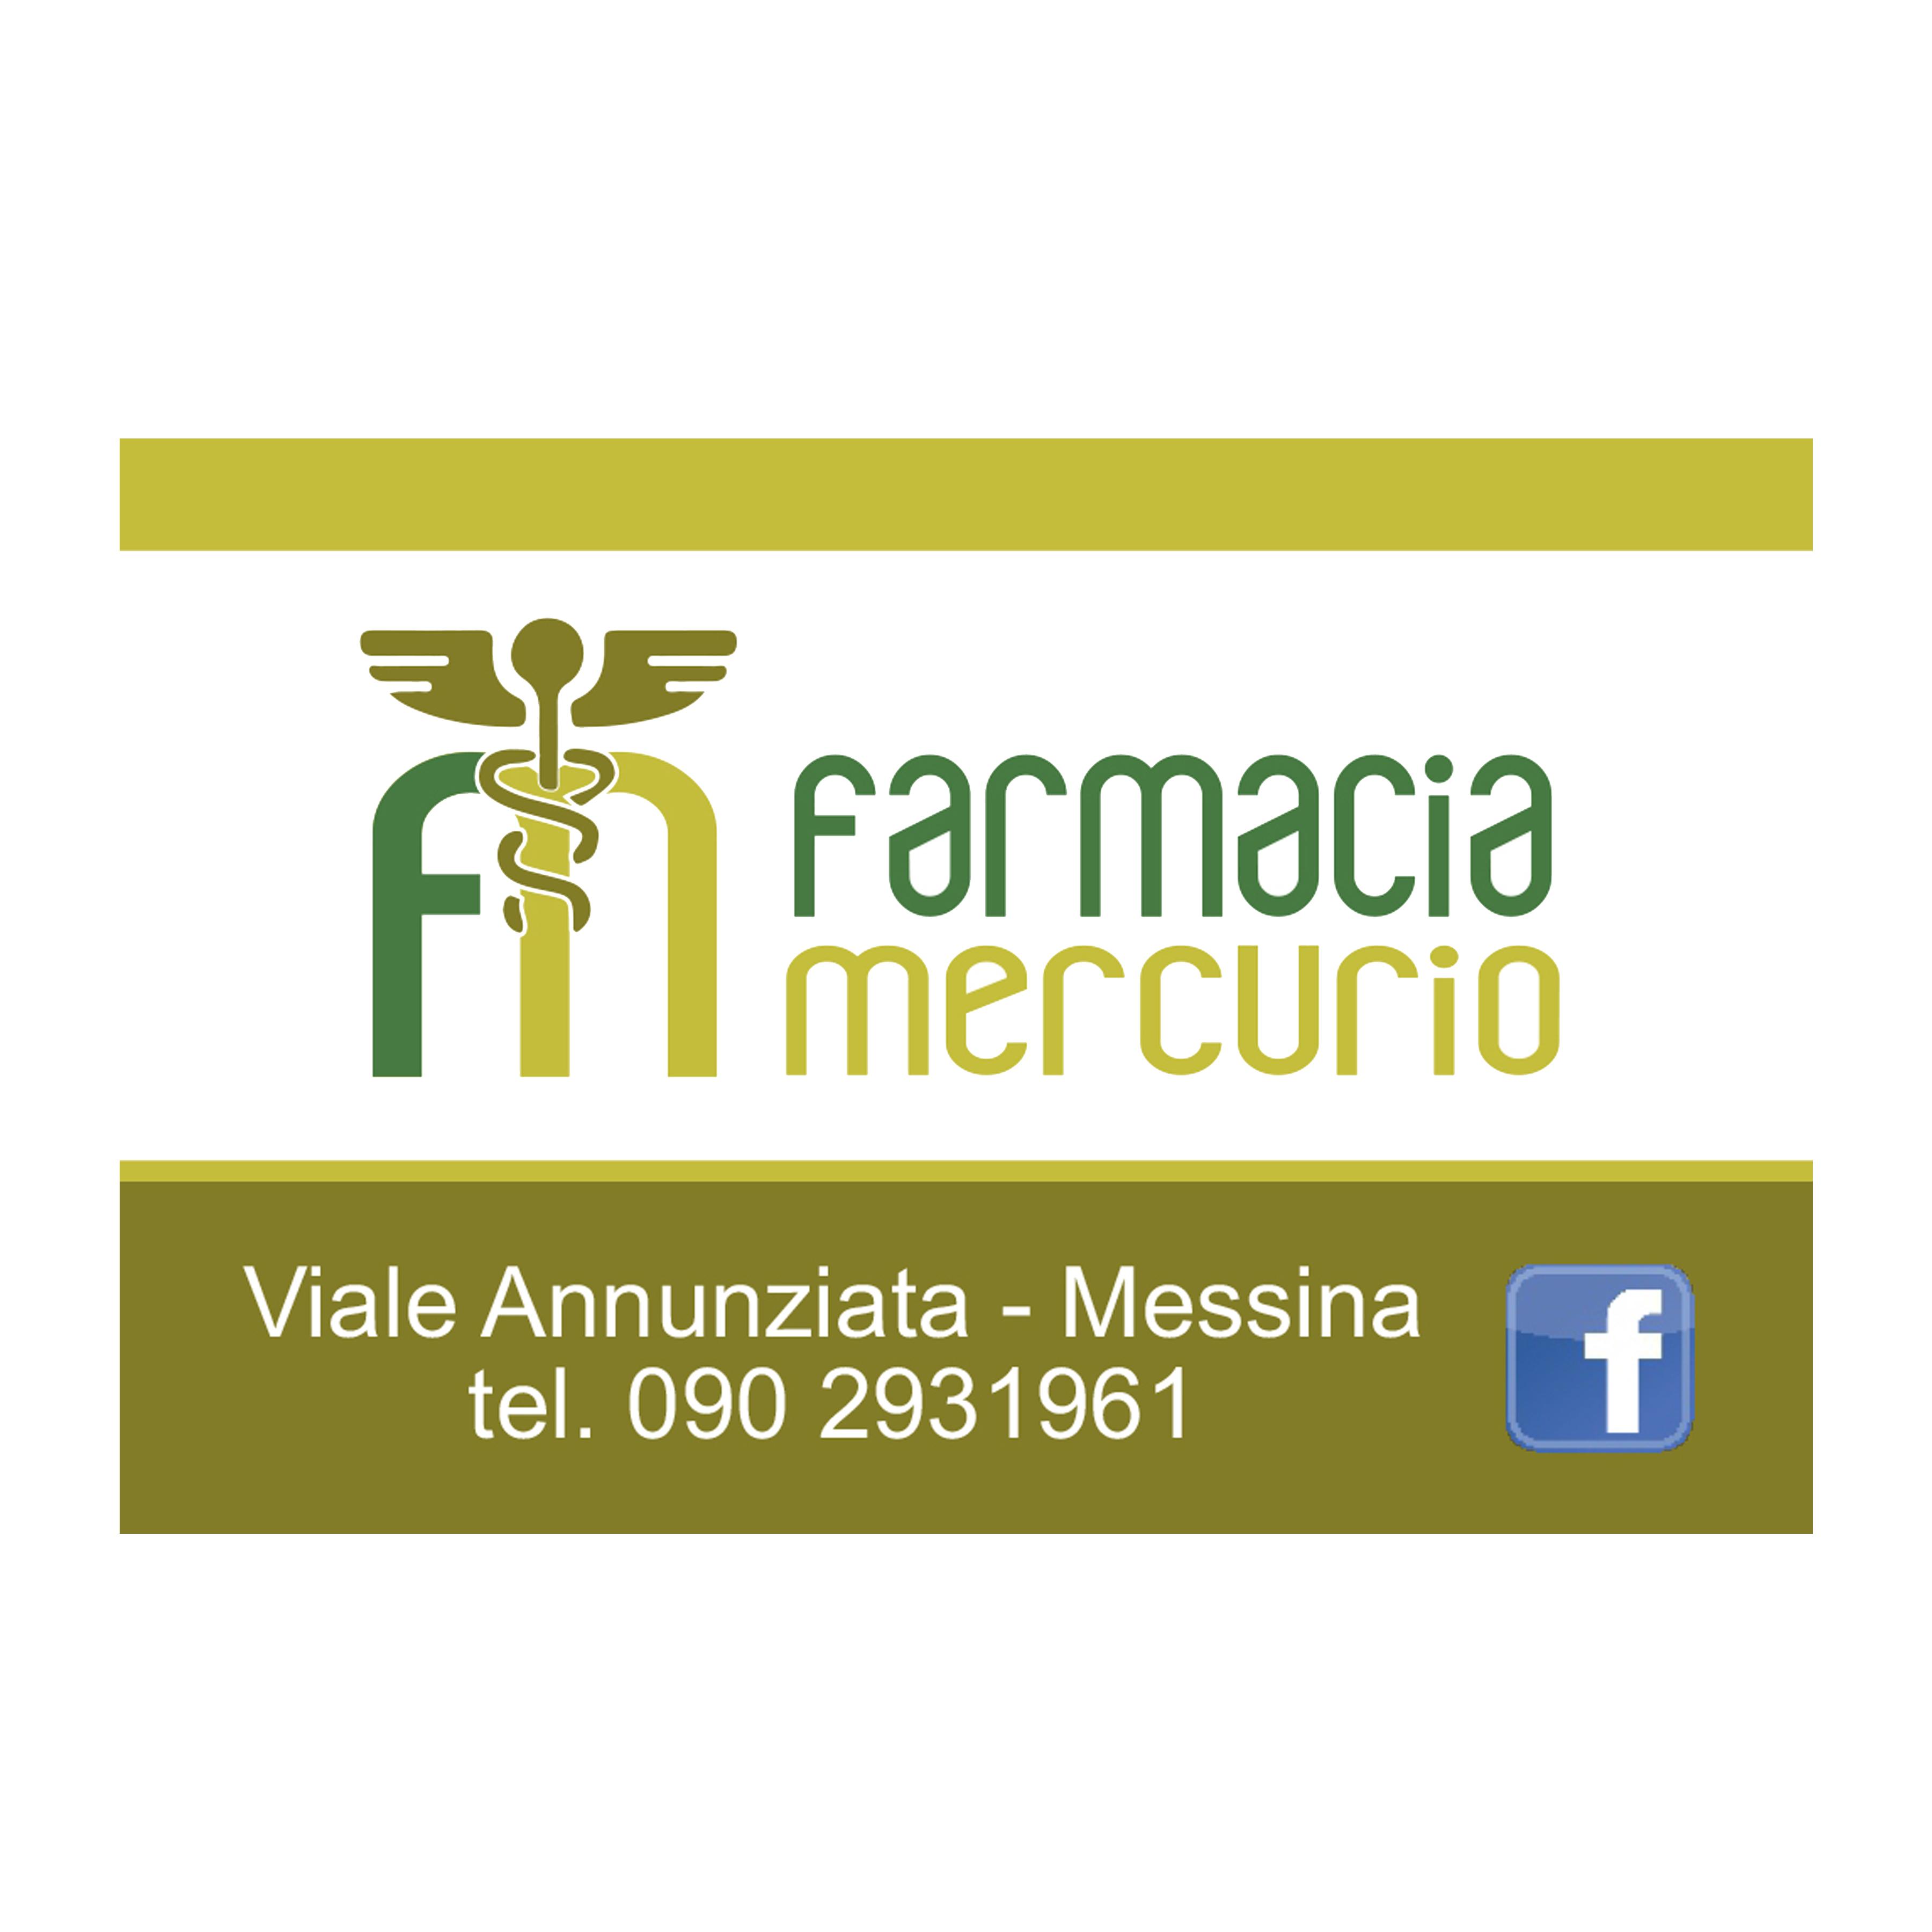 BANNER farmacia mercurio